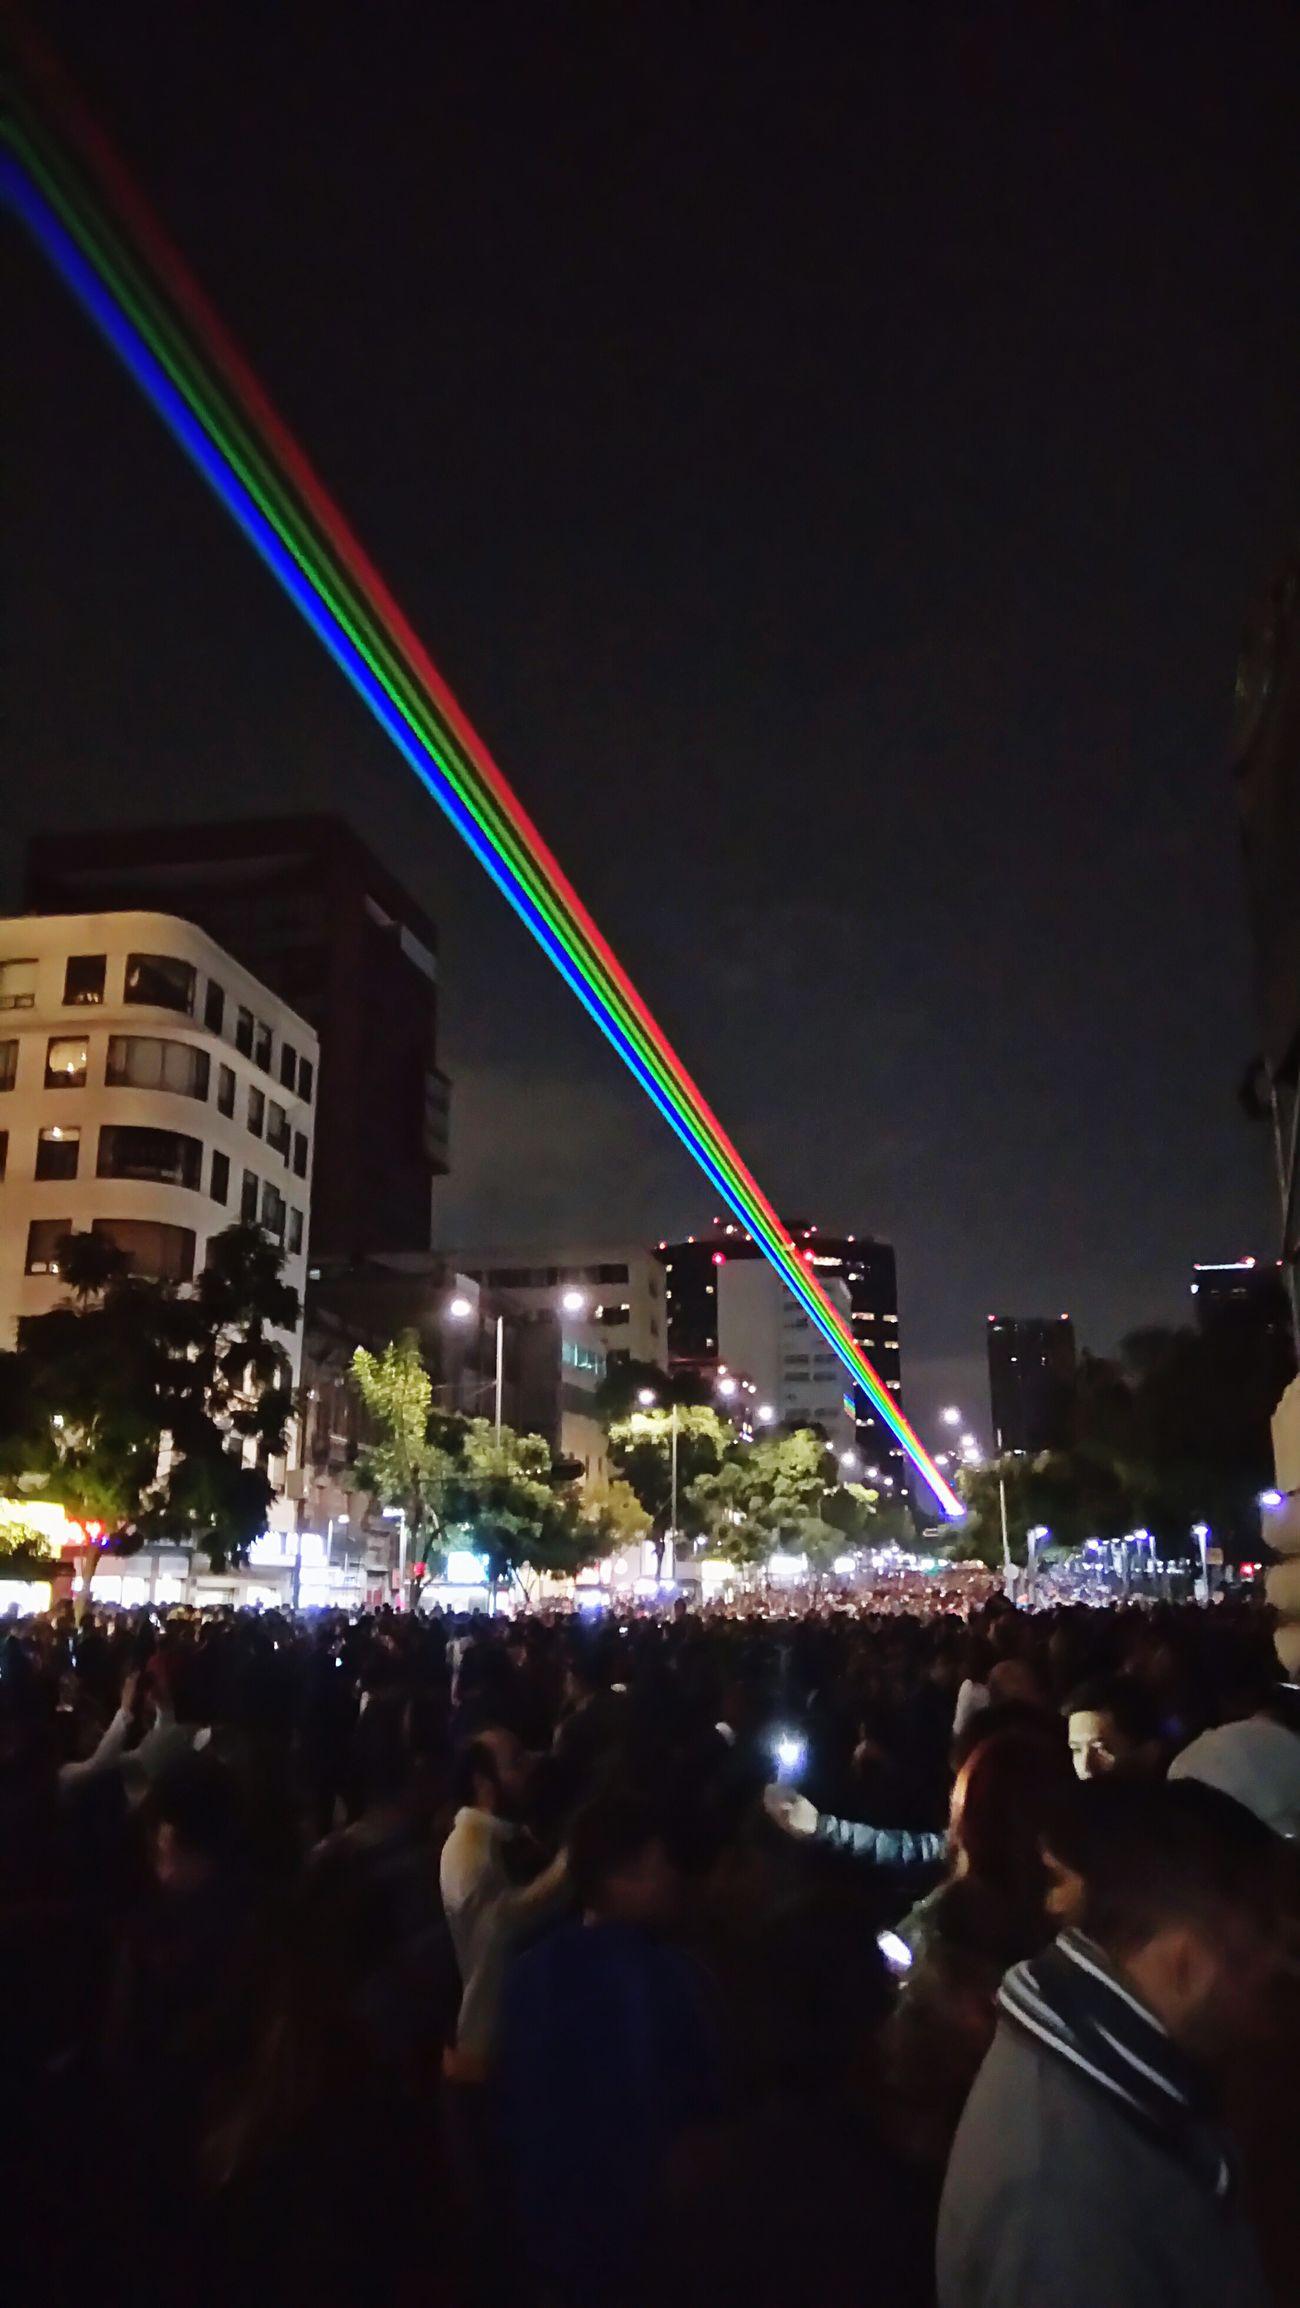 La señal nos llama Ciudad De México Cdmx2016 Cdmx Luz Brain Art Ilumination Madero Relaxing Color FILUX 2016 Arte Imagina Luces Innovation Crea